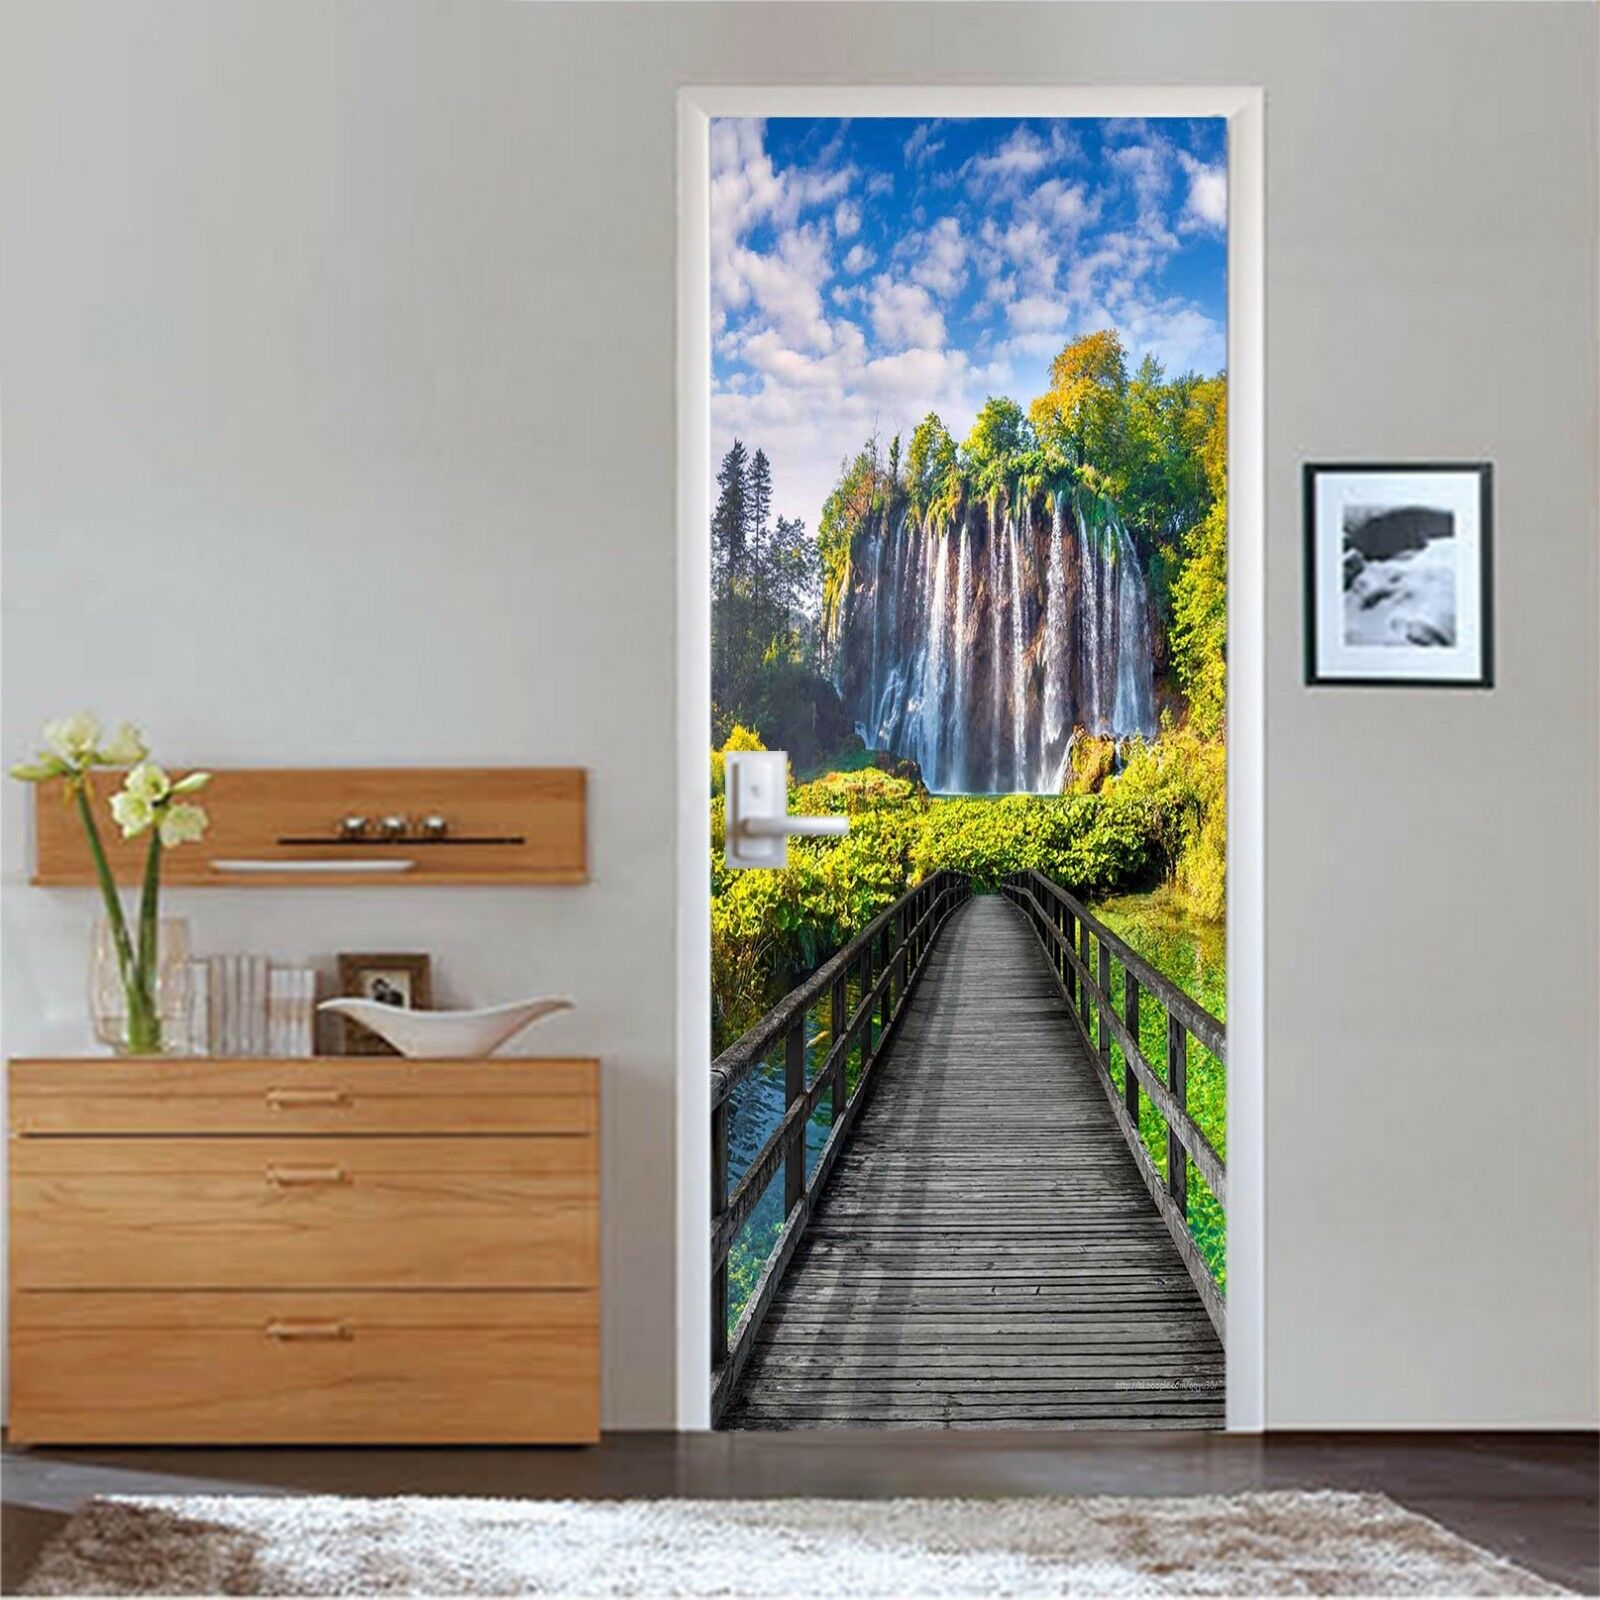 3D Wasserfall 745 Tür Wandmalerei Wandaufkleber Aufkleber AJ WALLPAPER DE Kyra | Toy Story  | Am praktischsten  | Qualität